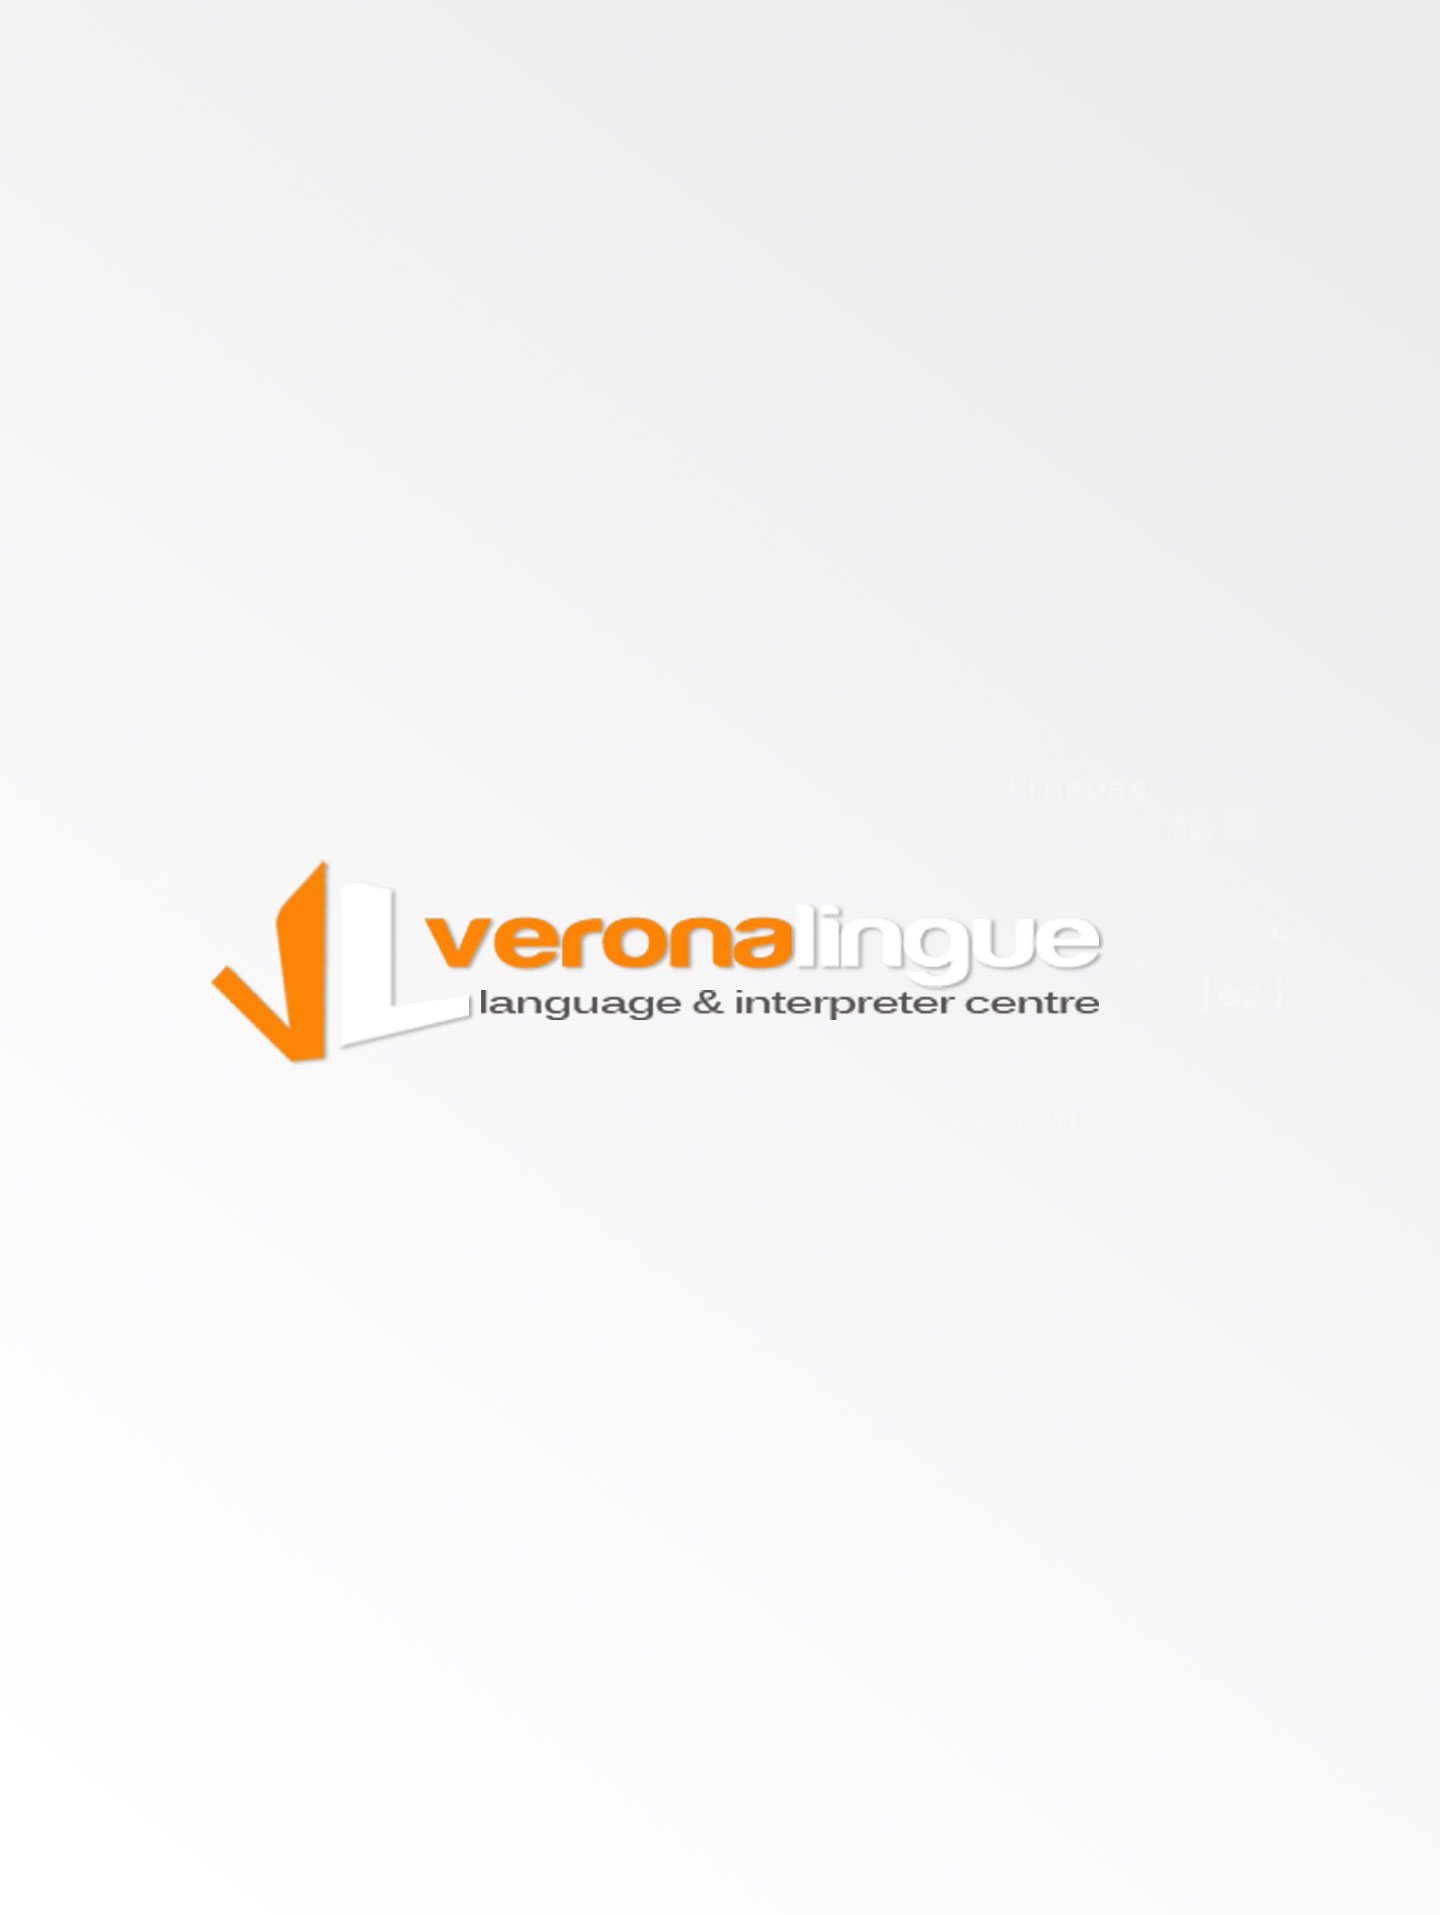 Verona Lingue | Logo